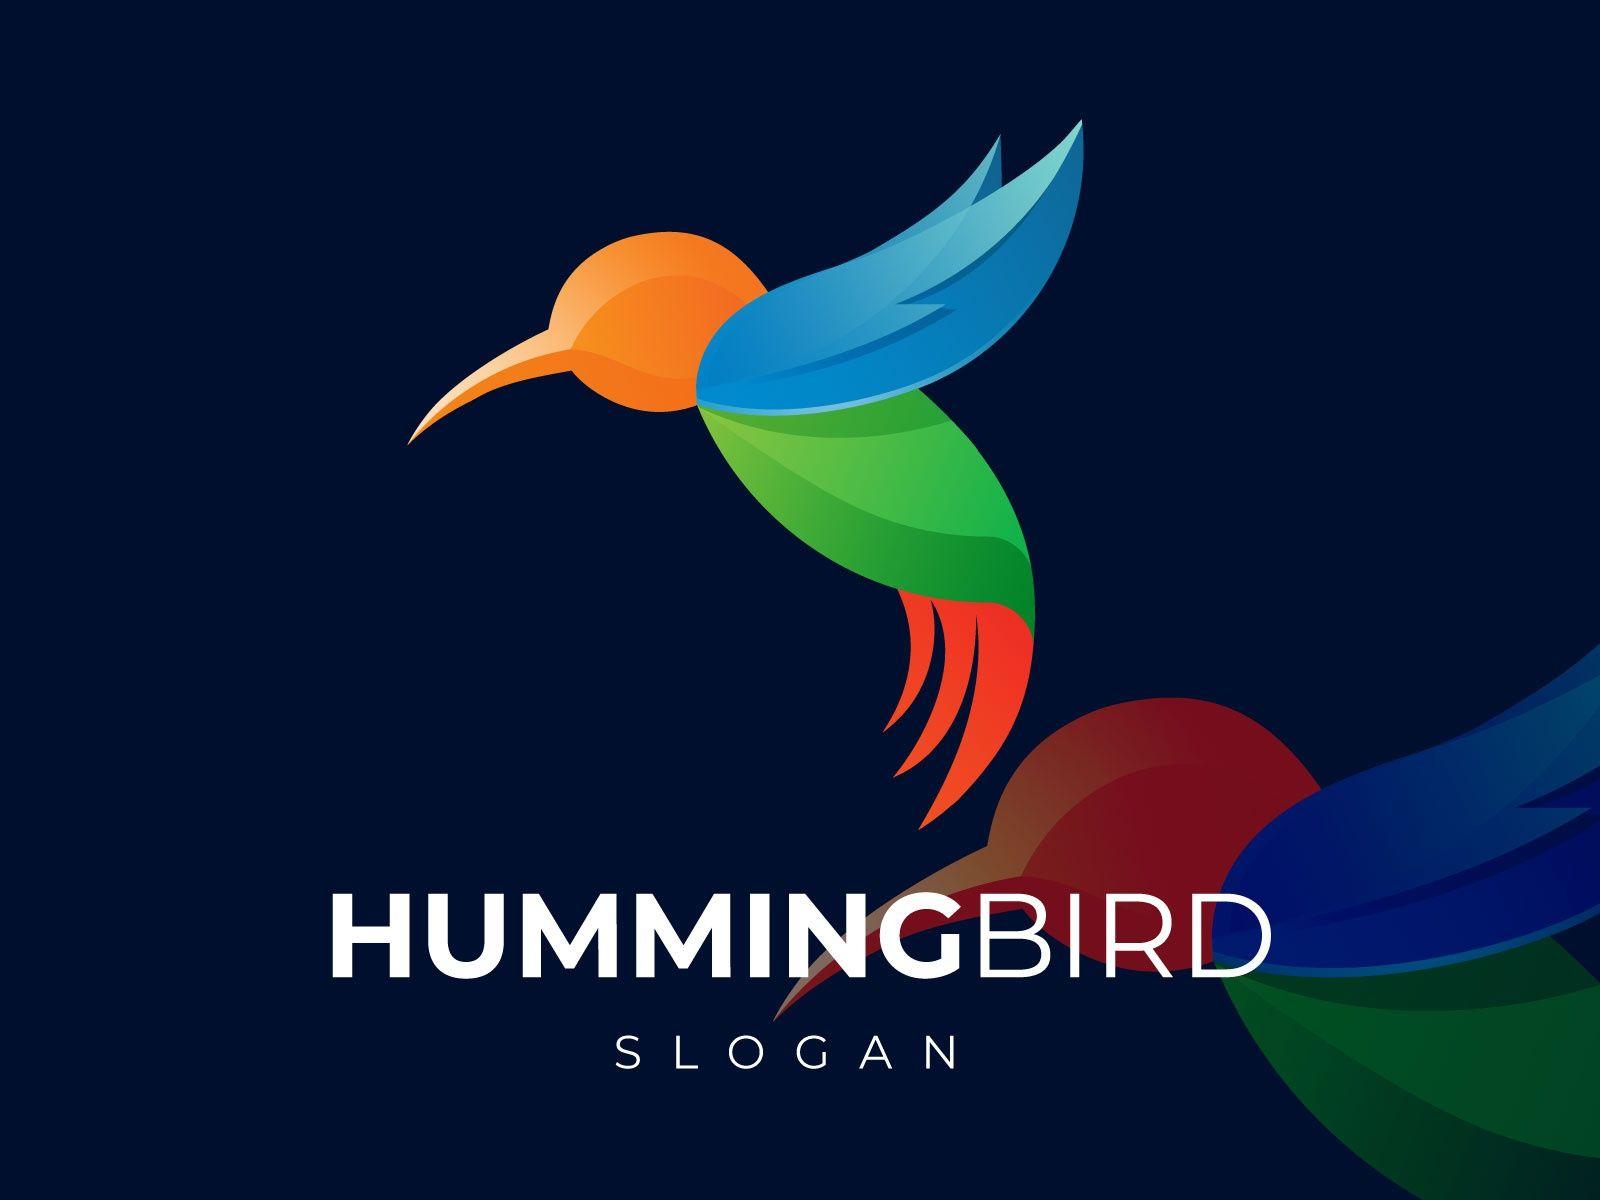 Abstract Colorful Hummingbird Logo Abstract logo